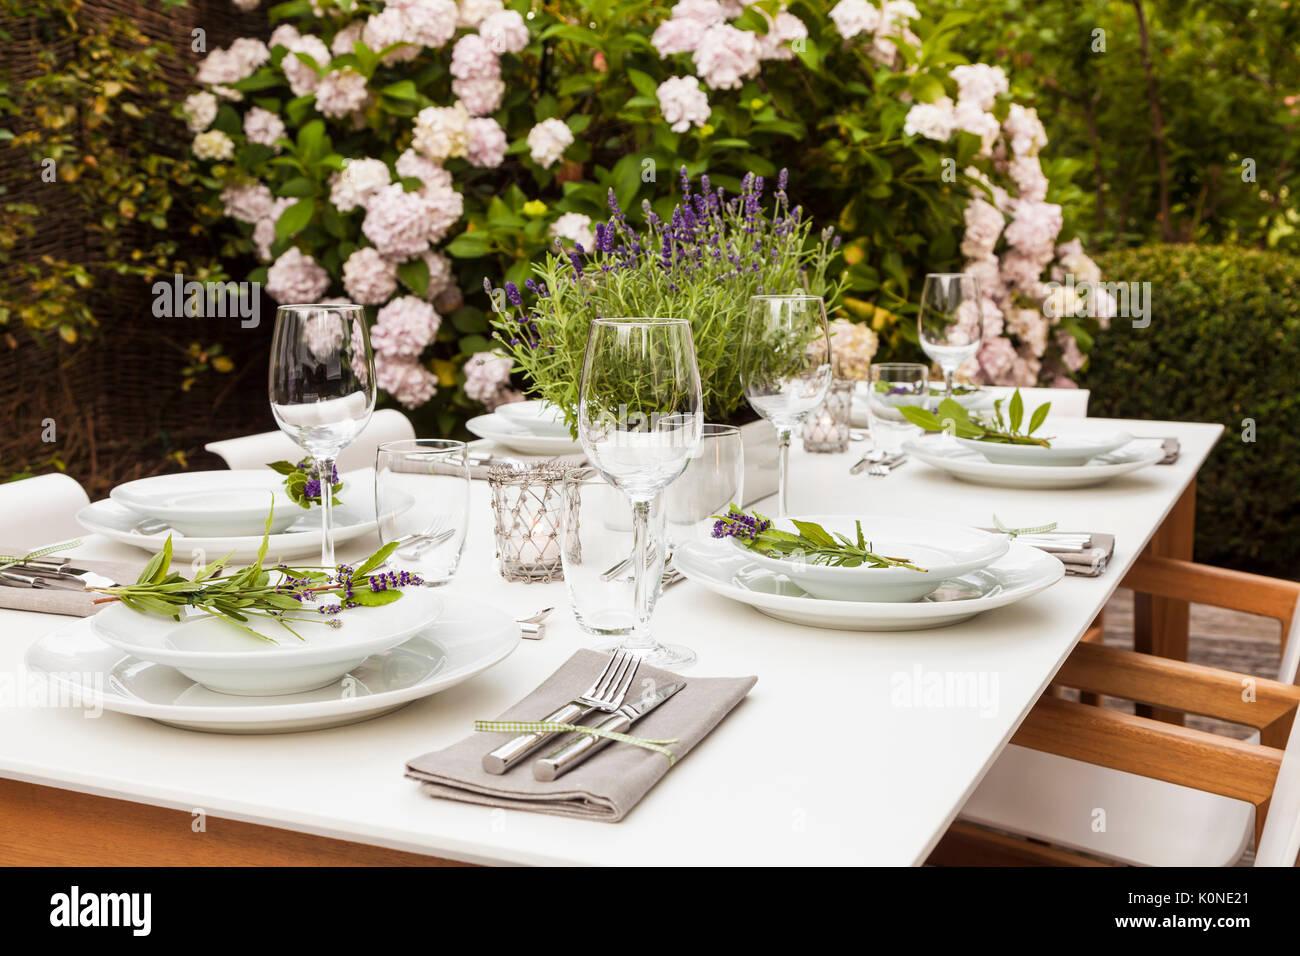 Deutschland, Garten, Terrasse, Holzdeck, Gartenmöbel, moderne